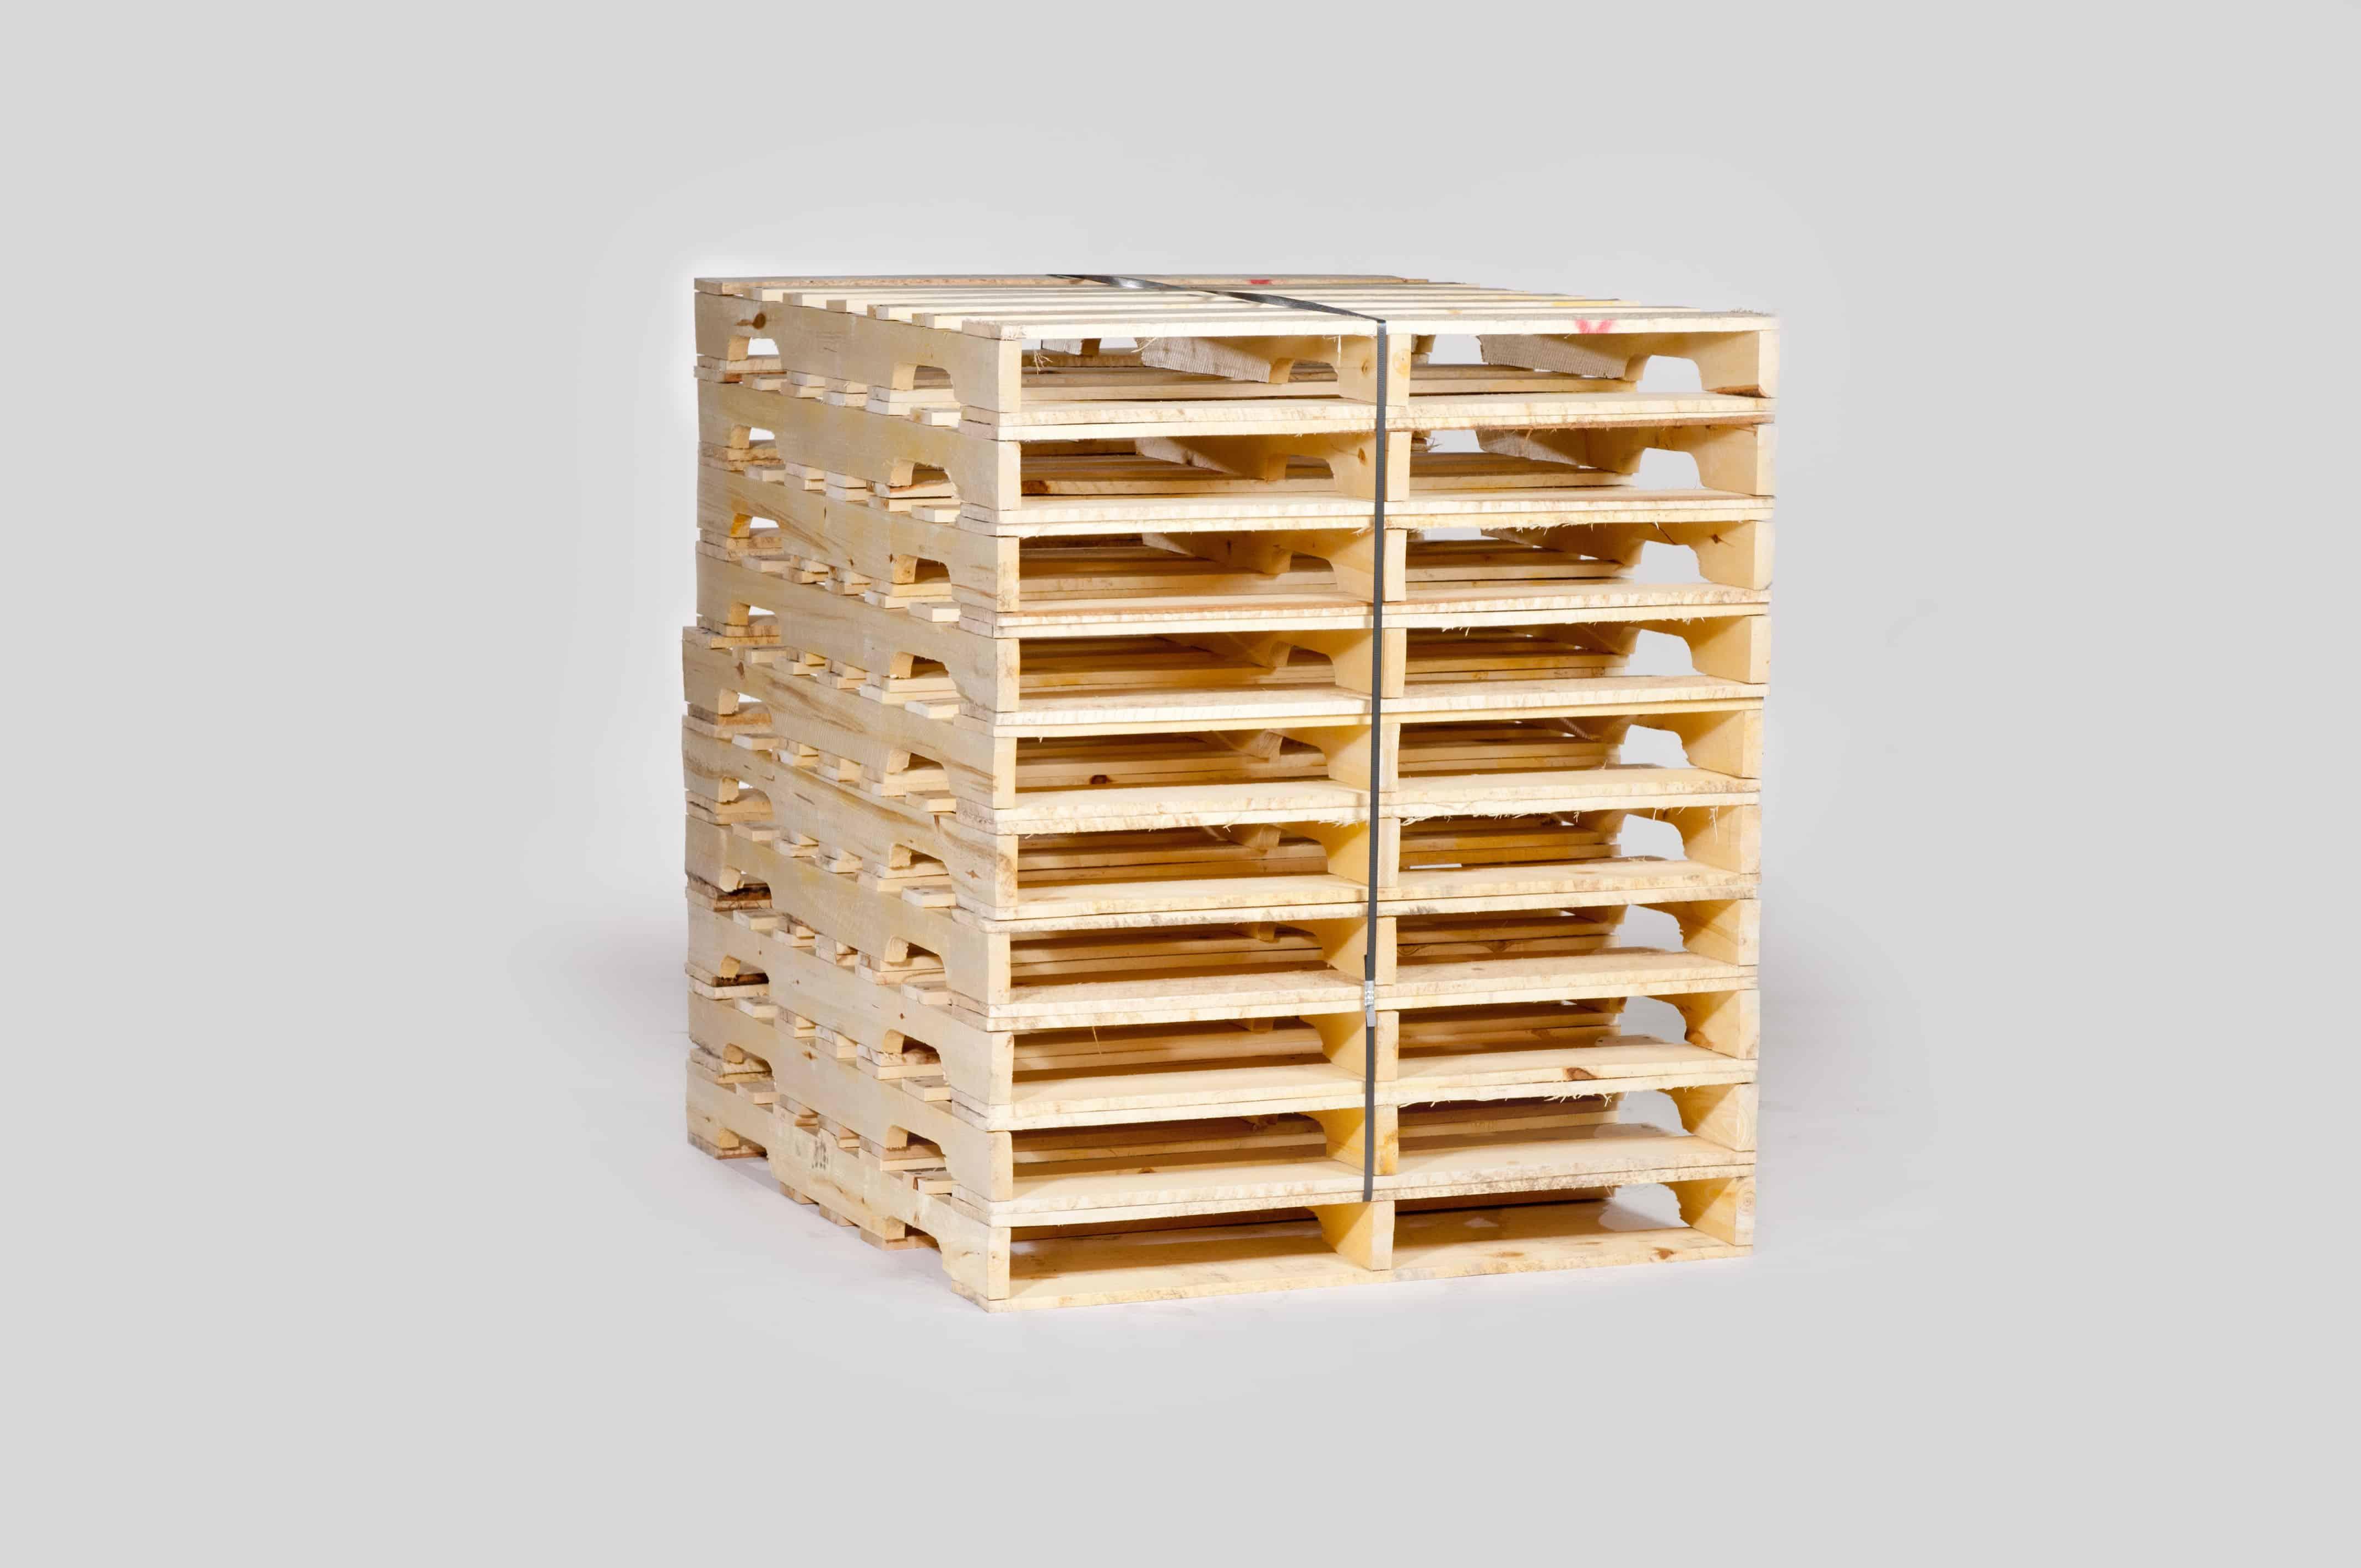 Pallets,Crates